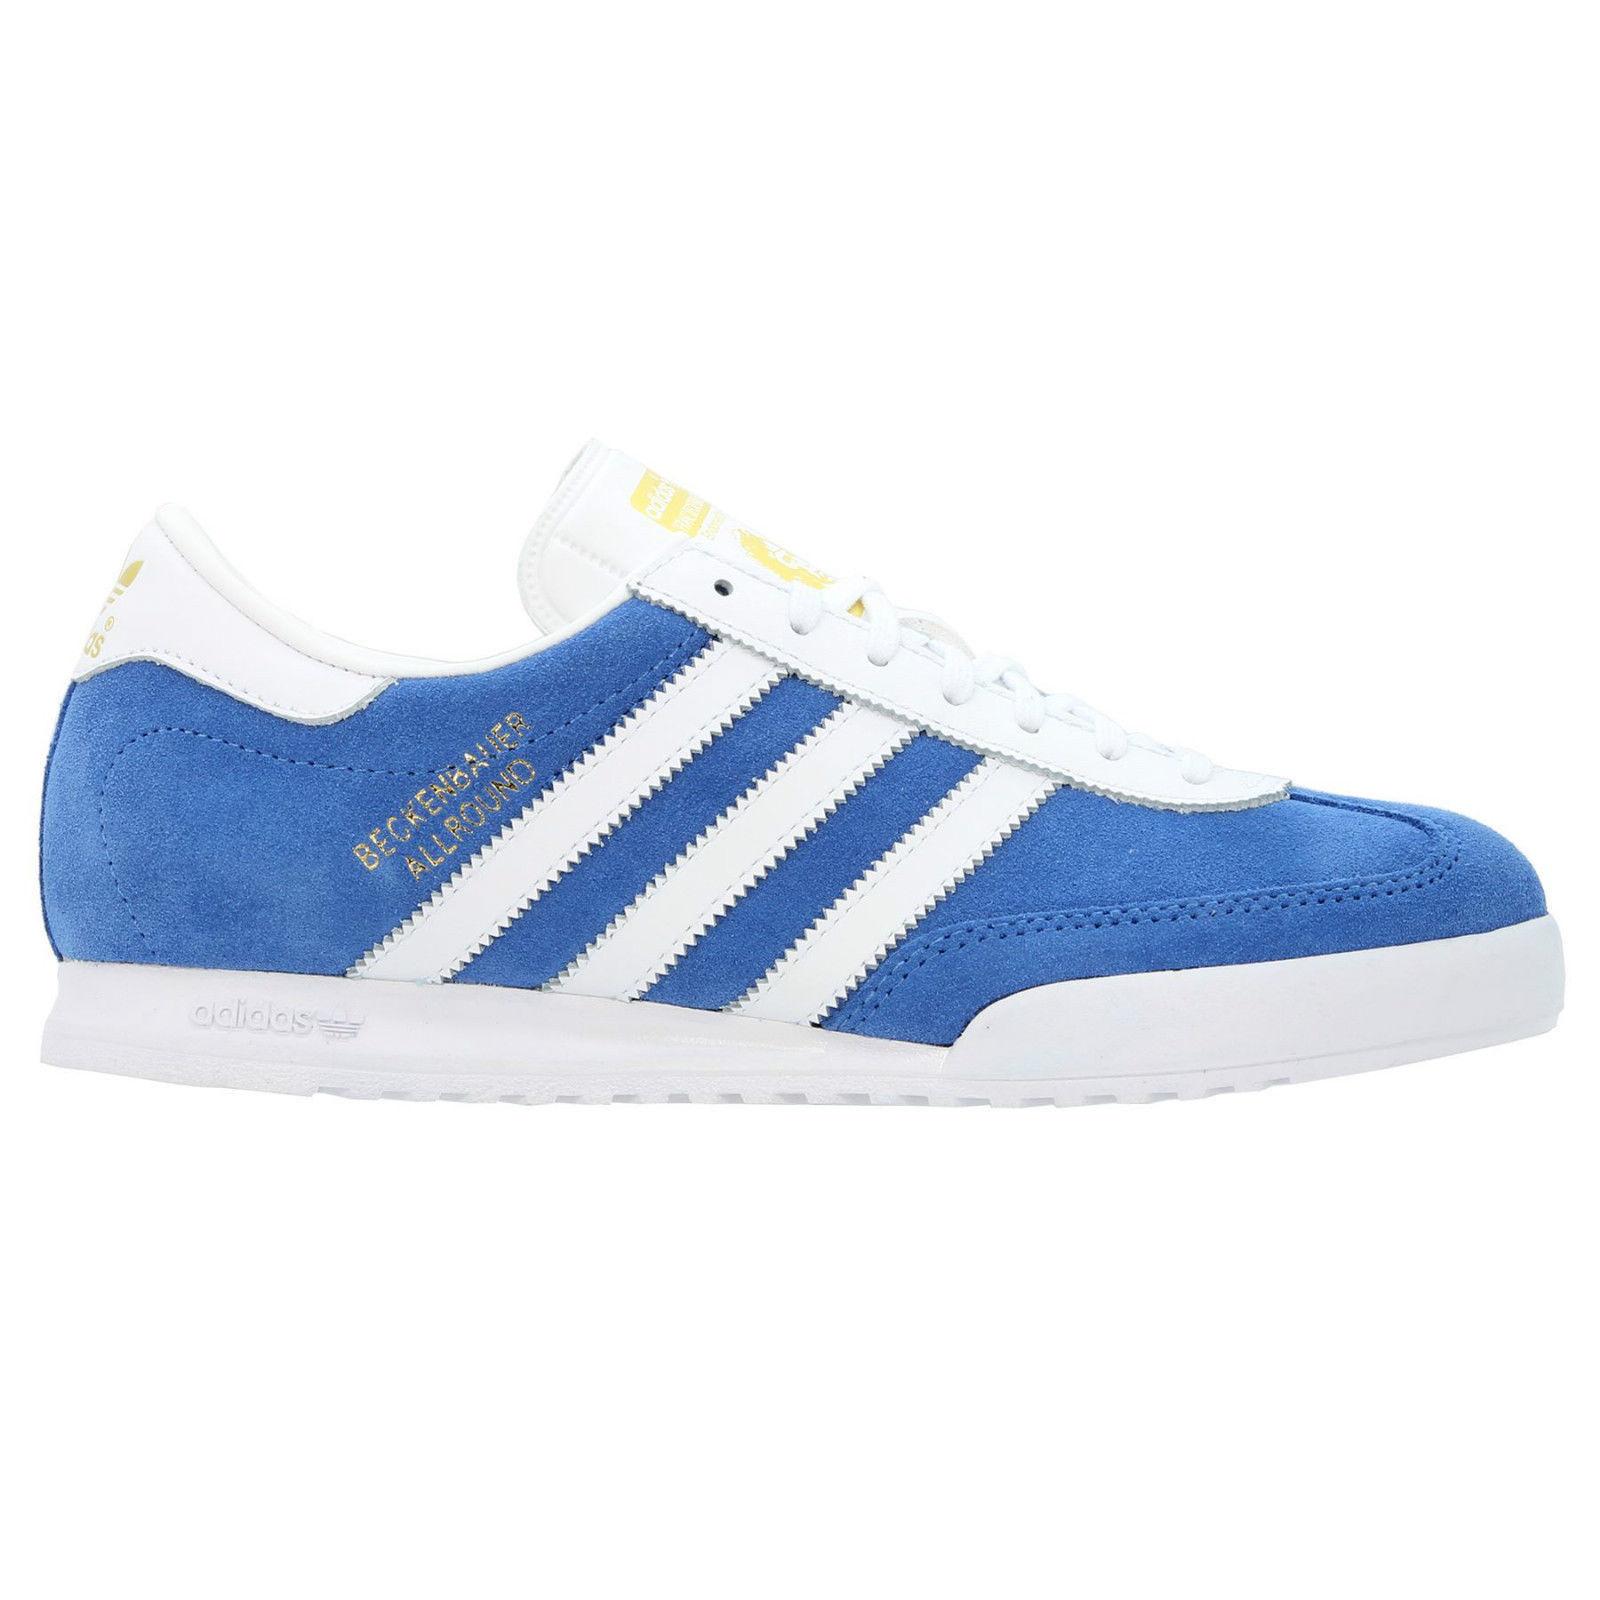 adidas Sneaker für Herren günstig kaufen | eBay